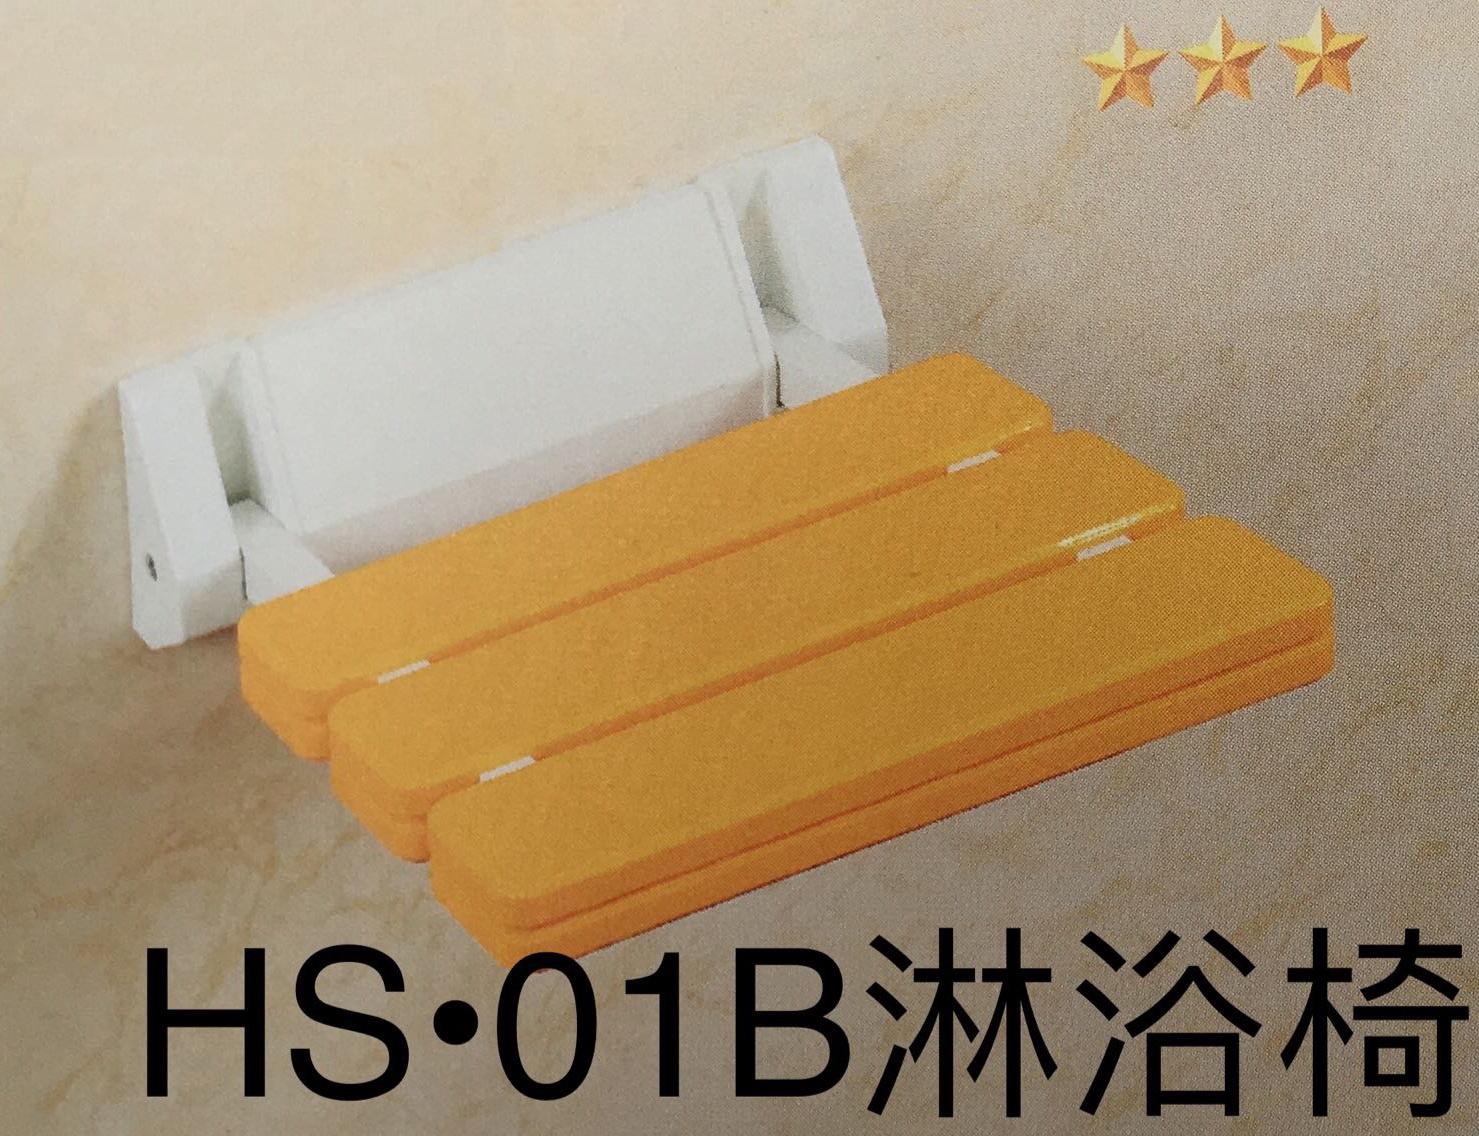 白小姐资料安装HS-01B折叠淋浴椅